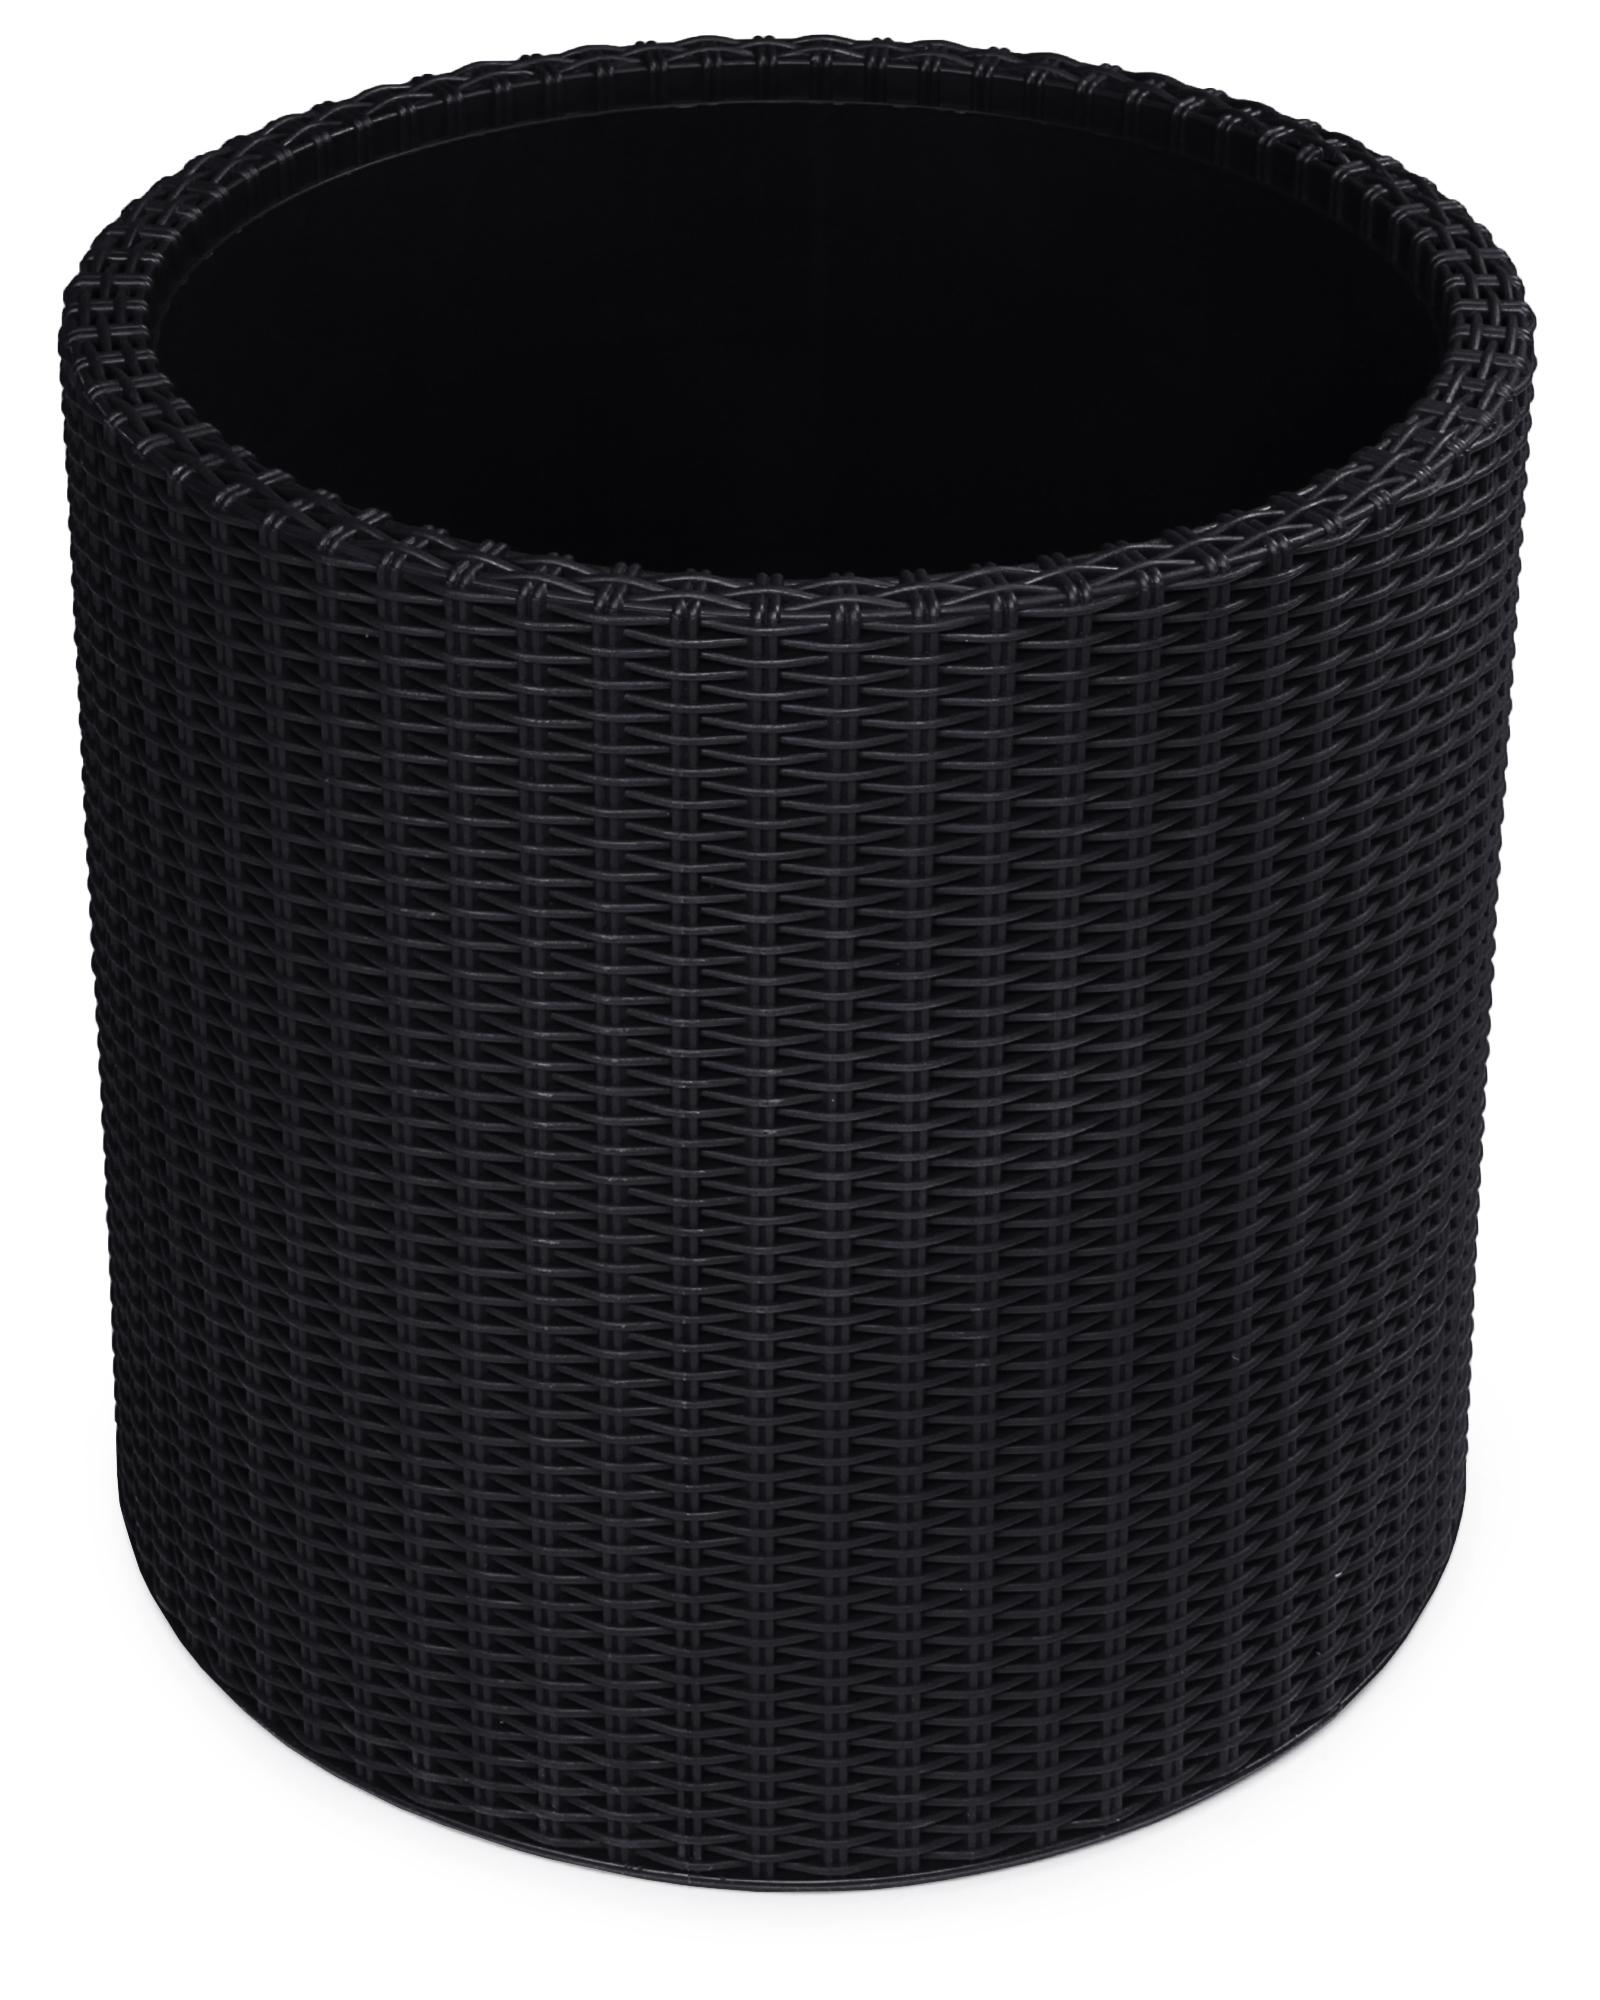 gro e pflanzk bel fkh. Black Bedroom Furniture Sets. Home Design Ideas